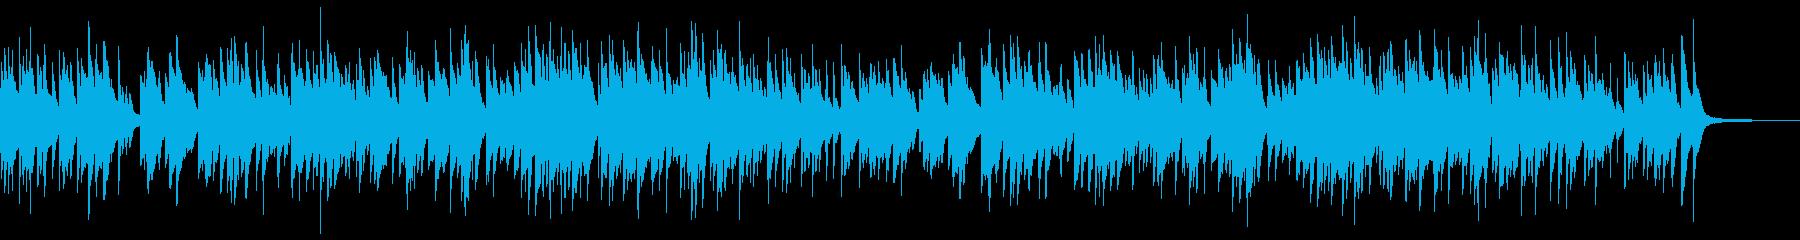 穏やかで感動的なピアノソロの再生済みの波形